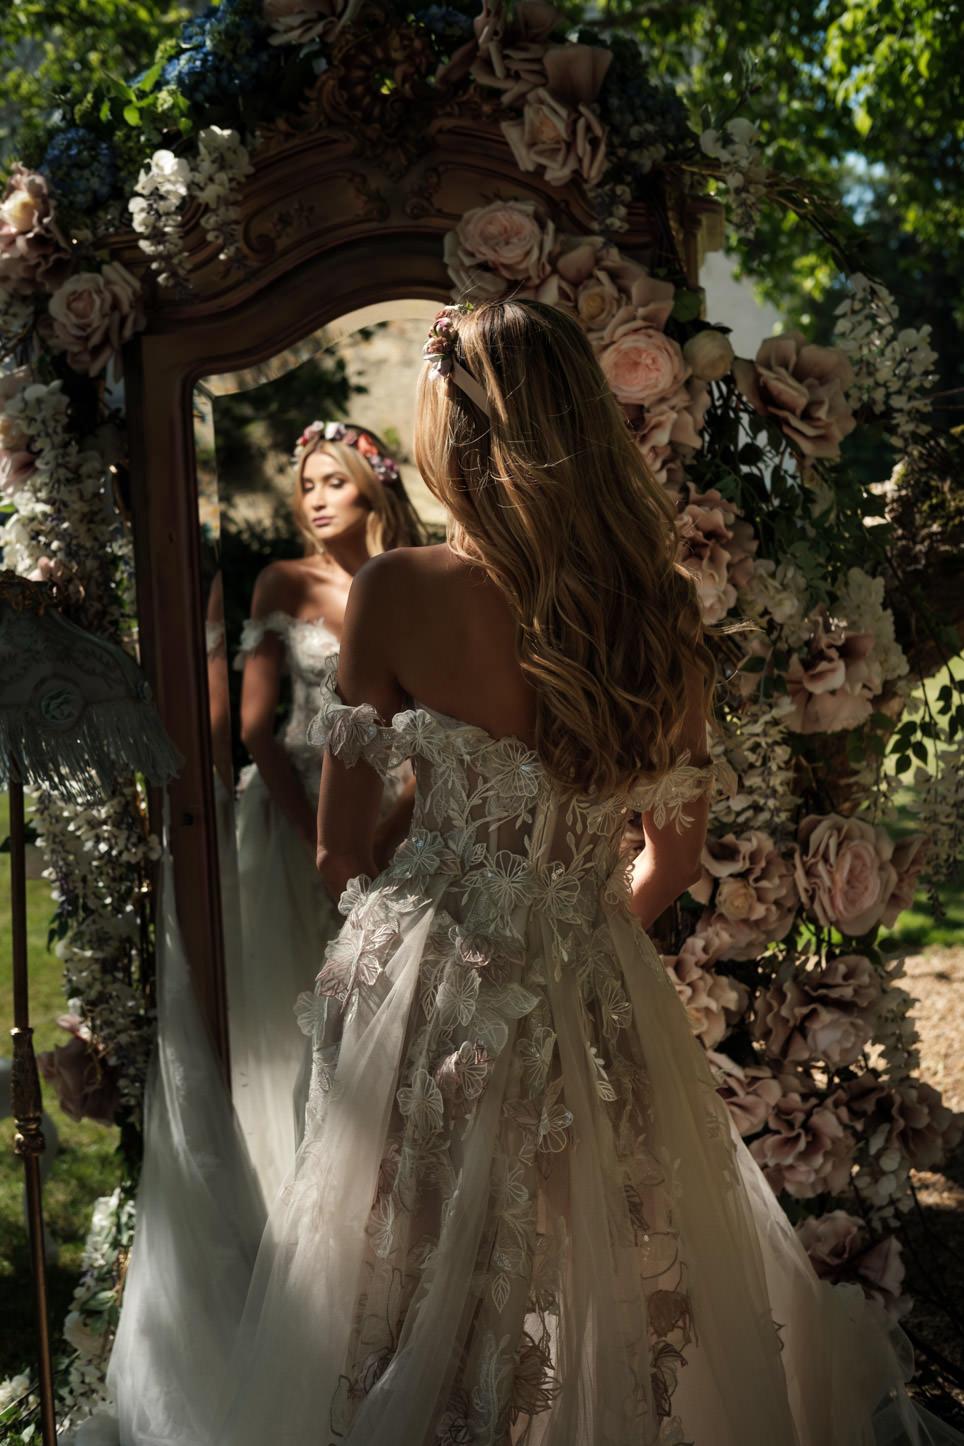 bride mirror France getting ready